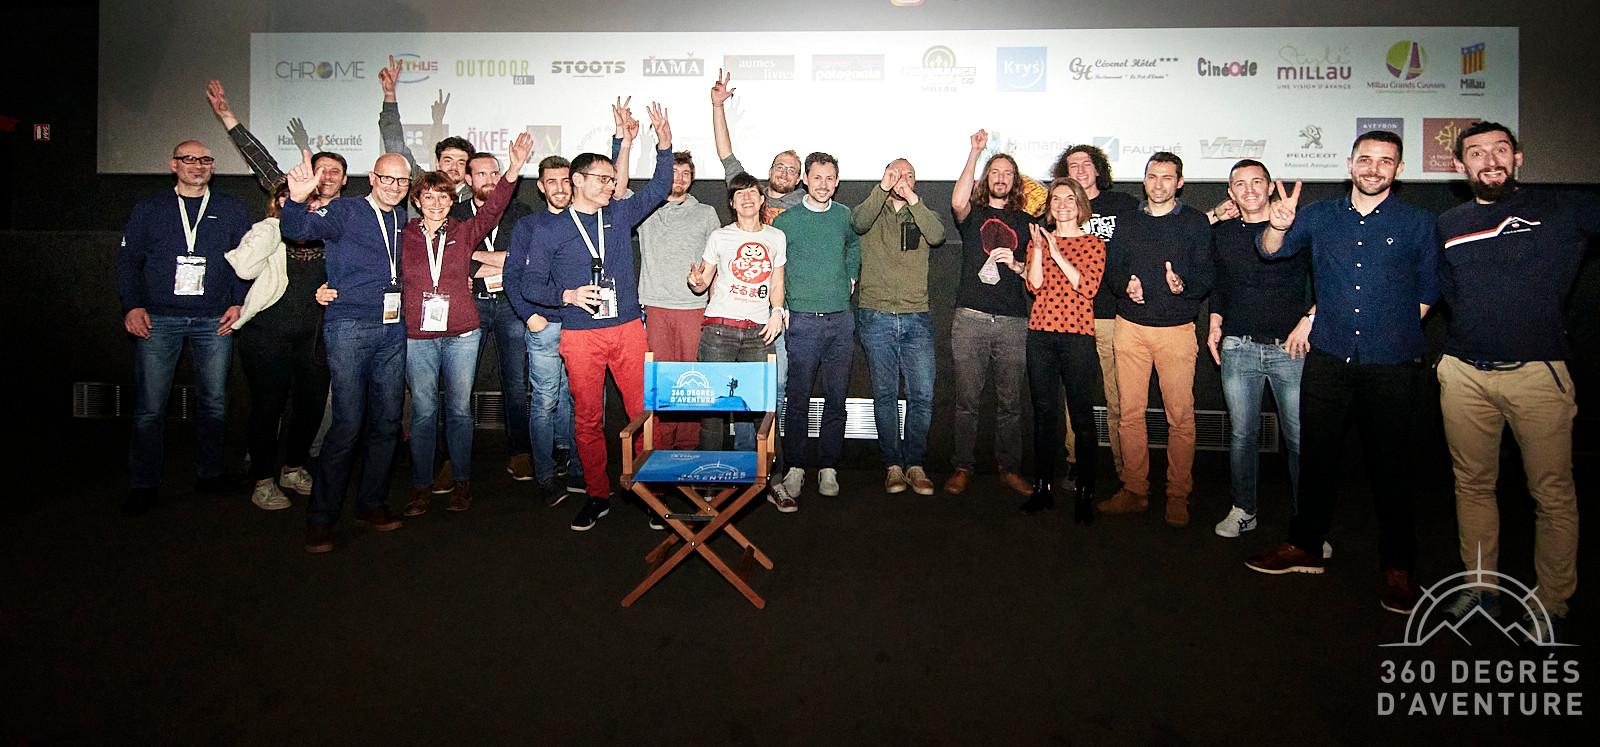 festival-du-film-d-aventure_360-degres-d-aventure-millau-films-primes